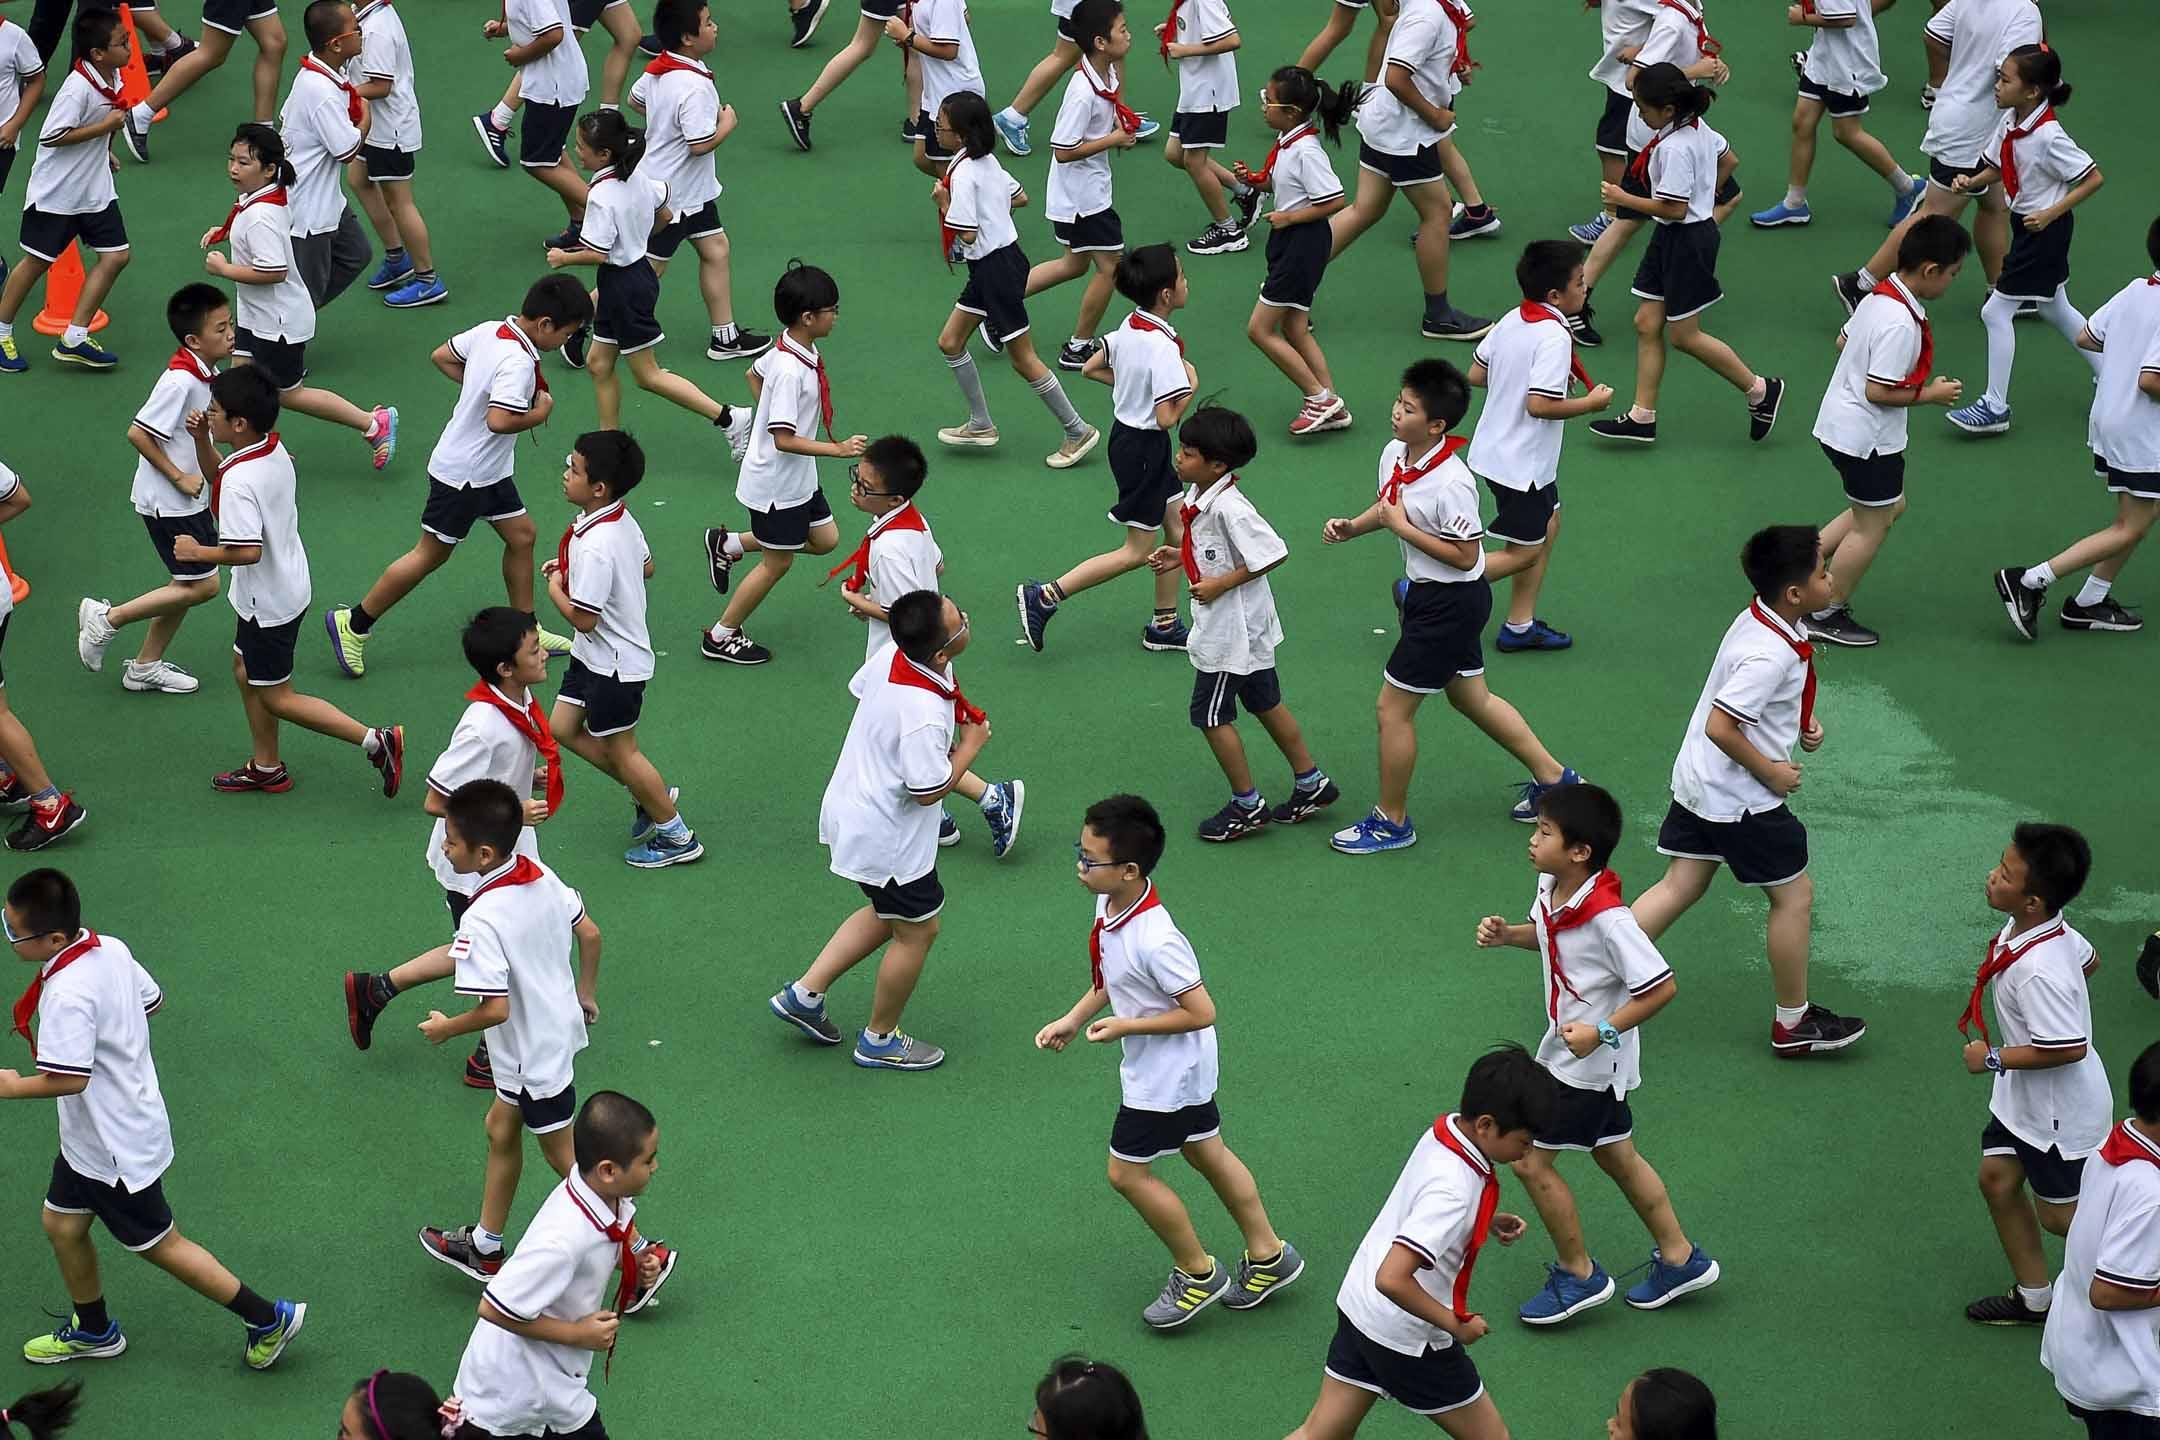 王蓉意識中國人對教育的焦慮、糾結和不滿。2017年,她與同事們在中國29個省份353個縣共計四萬餘戶家庭中進行調查、統計,並調研中國多種類型的教學機構,在2018年夏天出版《中國教育新業態發展報告》。試圖以數字來回答,教育的供需矛盾和根本症結所在。